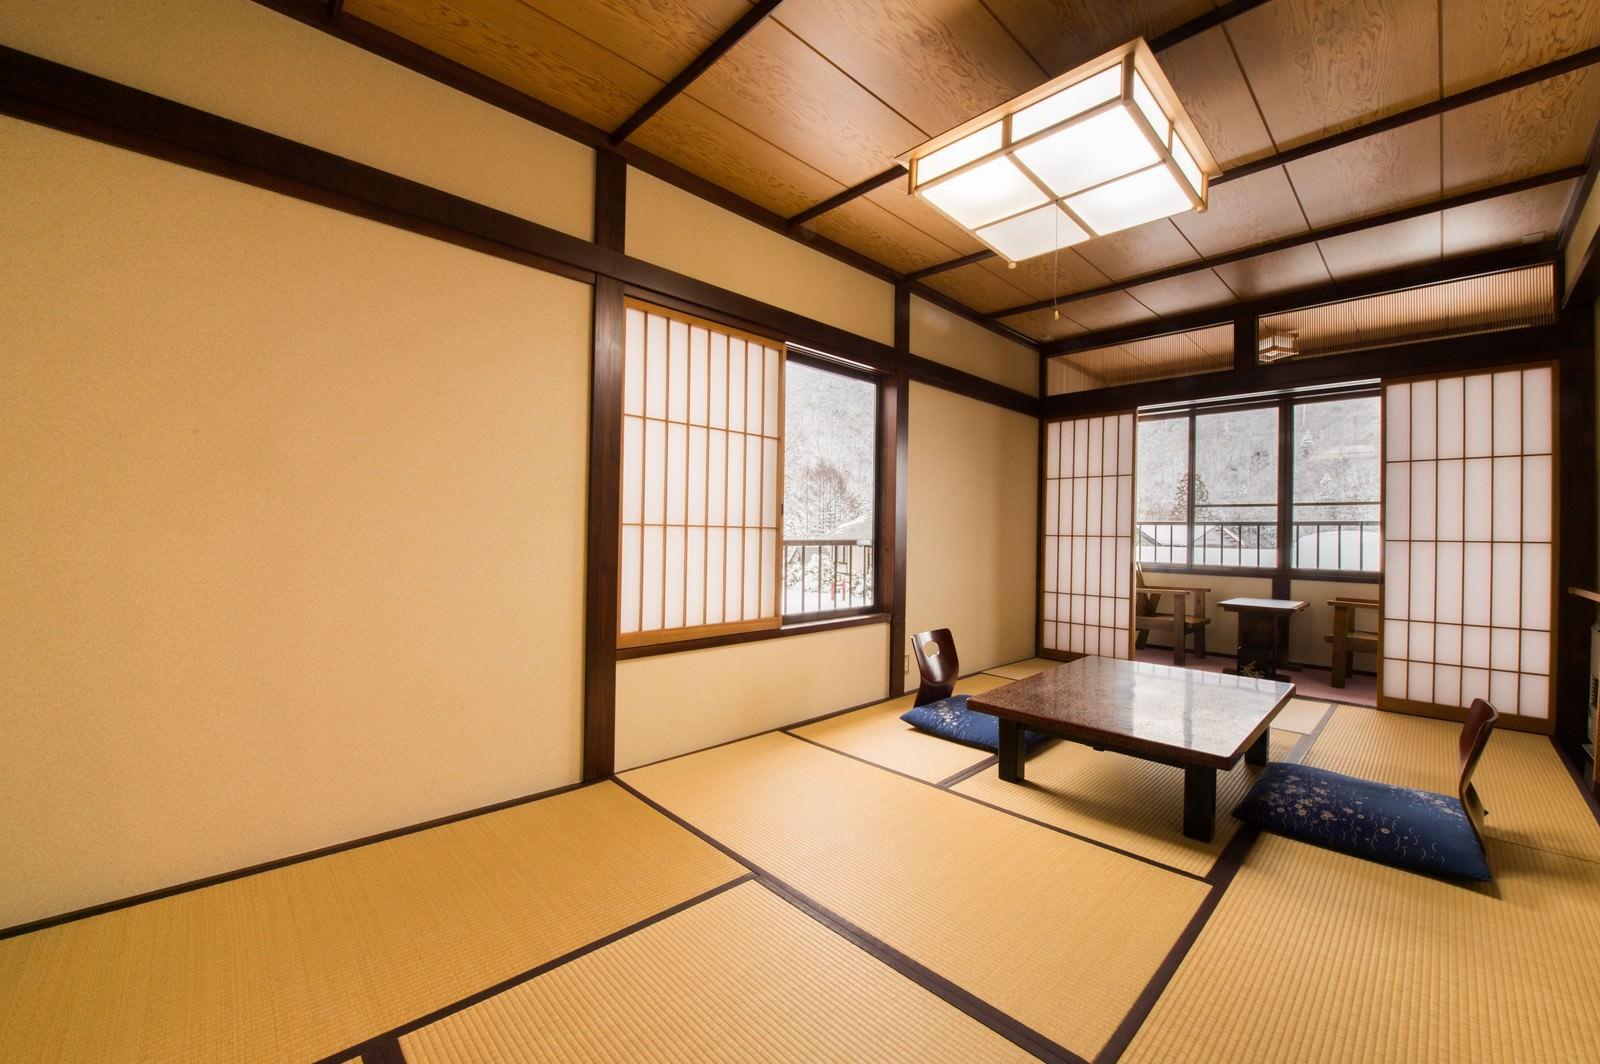 「雪景色も楽しめる純和風の客室(平湯温泉お宿栄太郎)」の写真